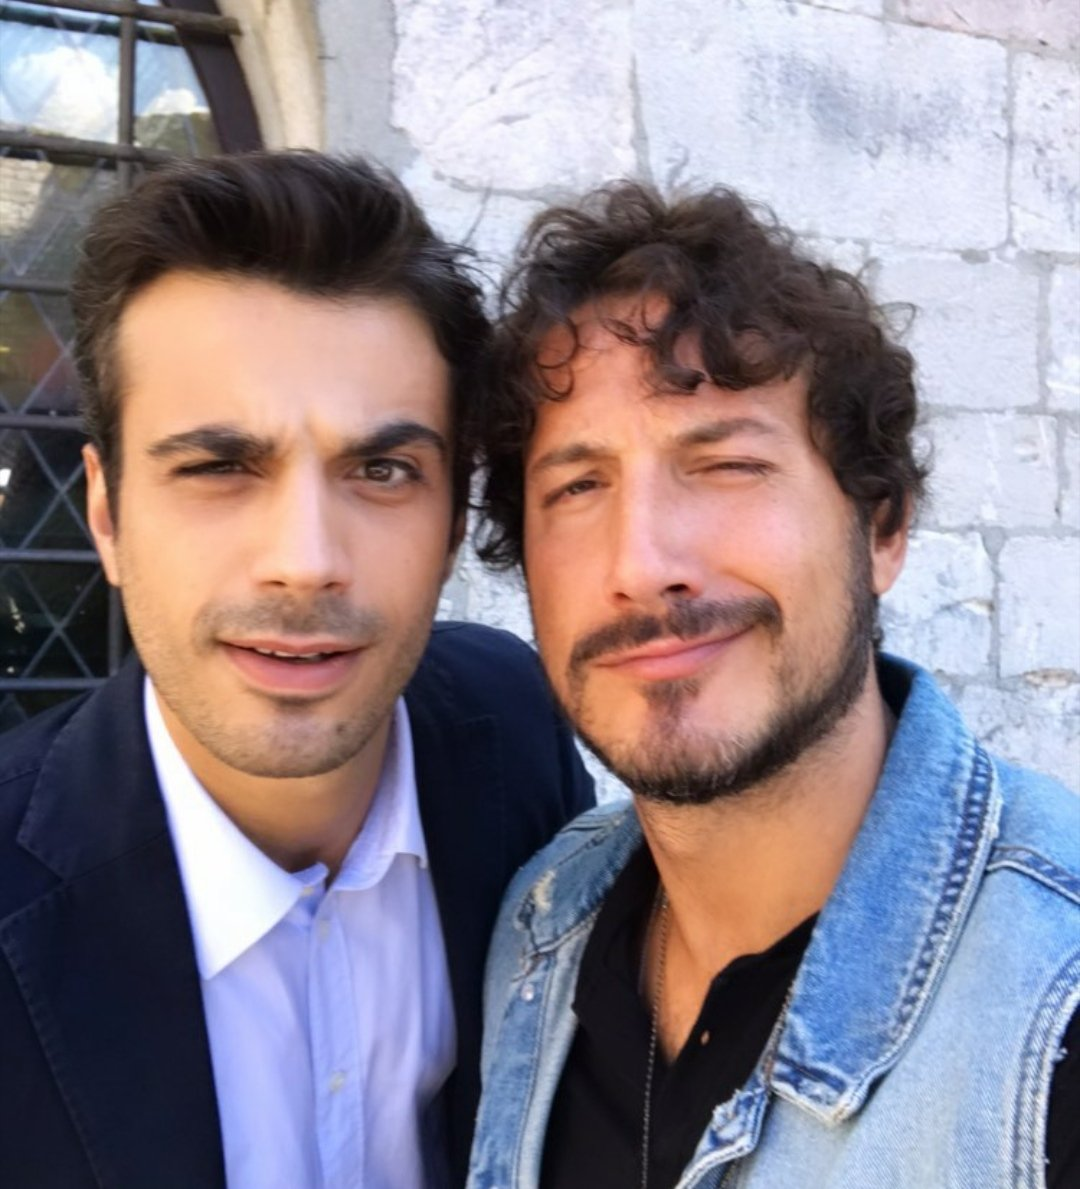 Gianmarco Saurino e Marco Mancini sul set di #CheDioCiAiuti6. #ripreseincorso 🎬 @CheDioCiAiuti_5 #giasau #gianmarcosaurino #giasausource #cheDiociaiuti #Assisi #fiction #fictionrai #serietv #set #riprese #attori #film #televisione